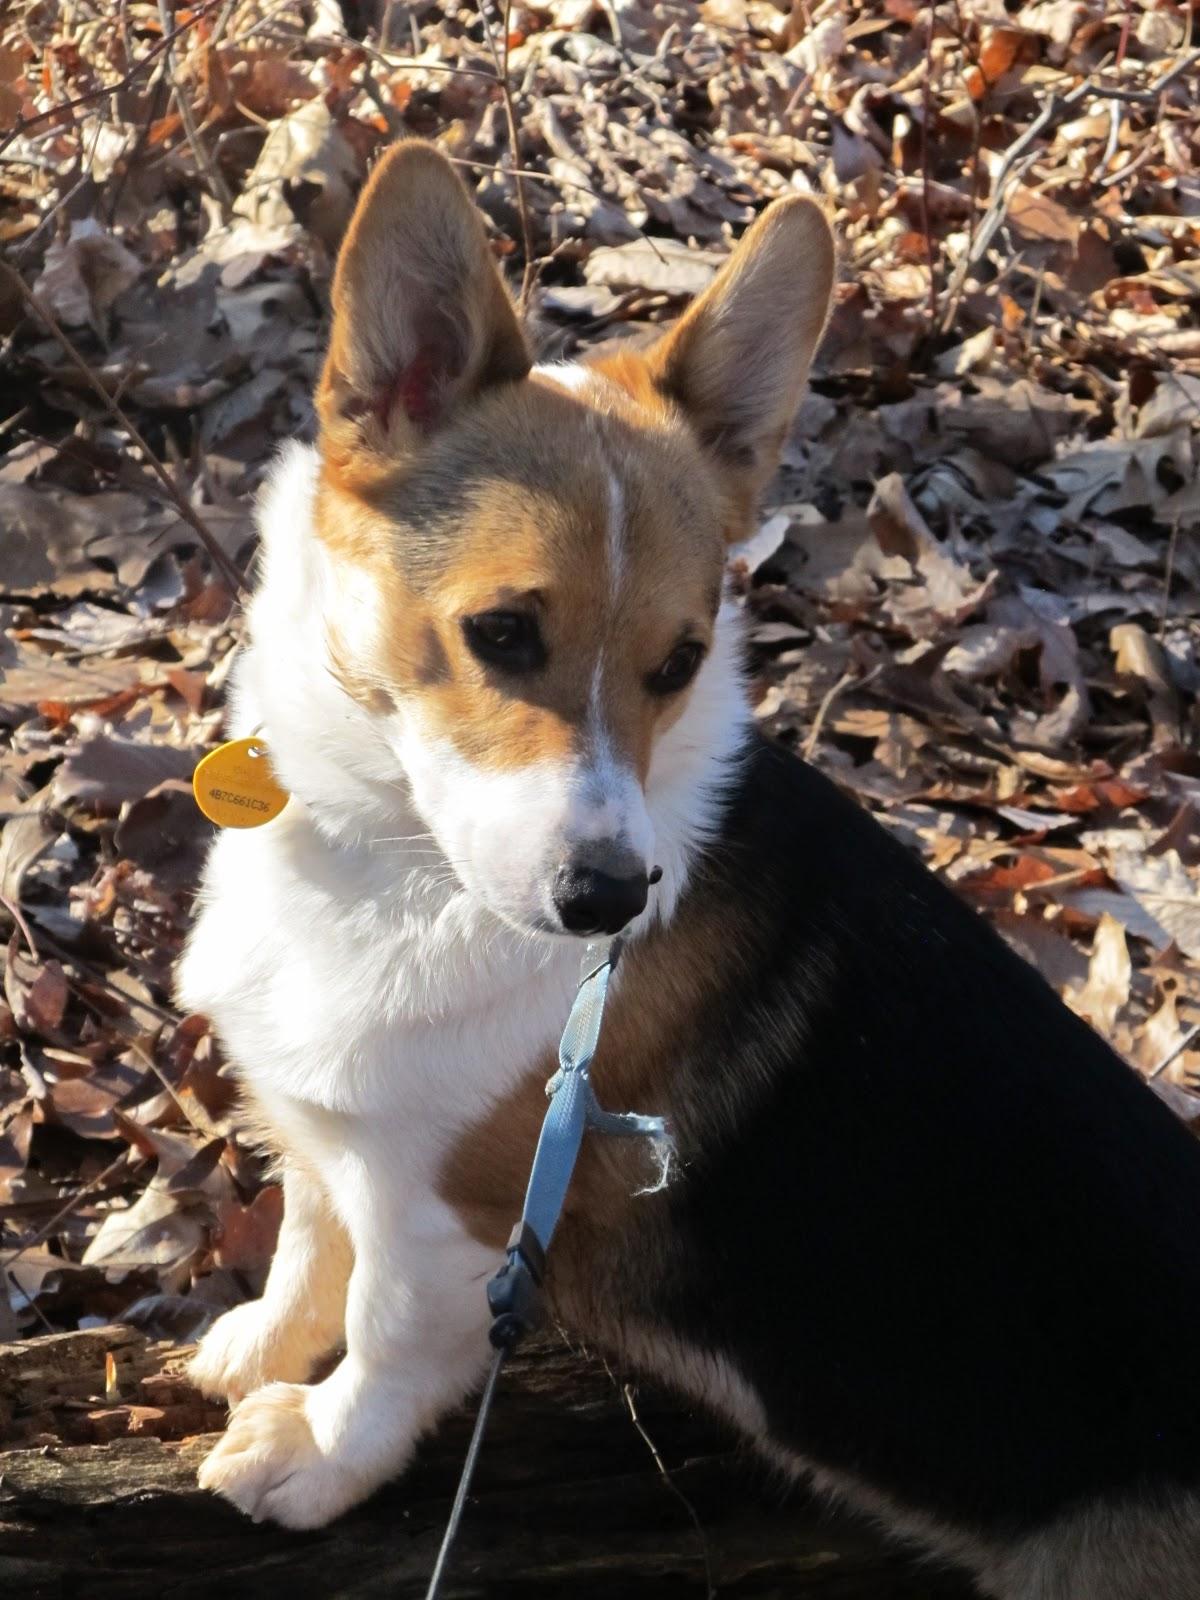 Corgi Beagle Mix - Dog Training Home | Dog Types